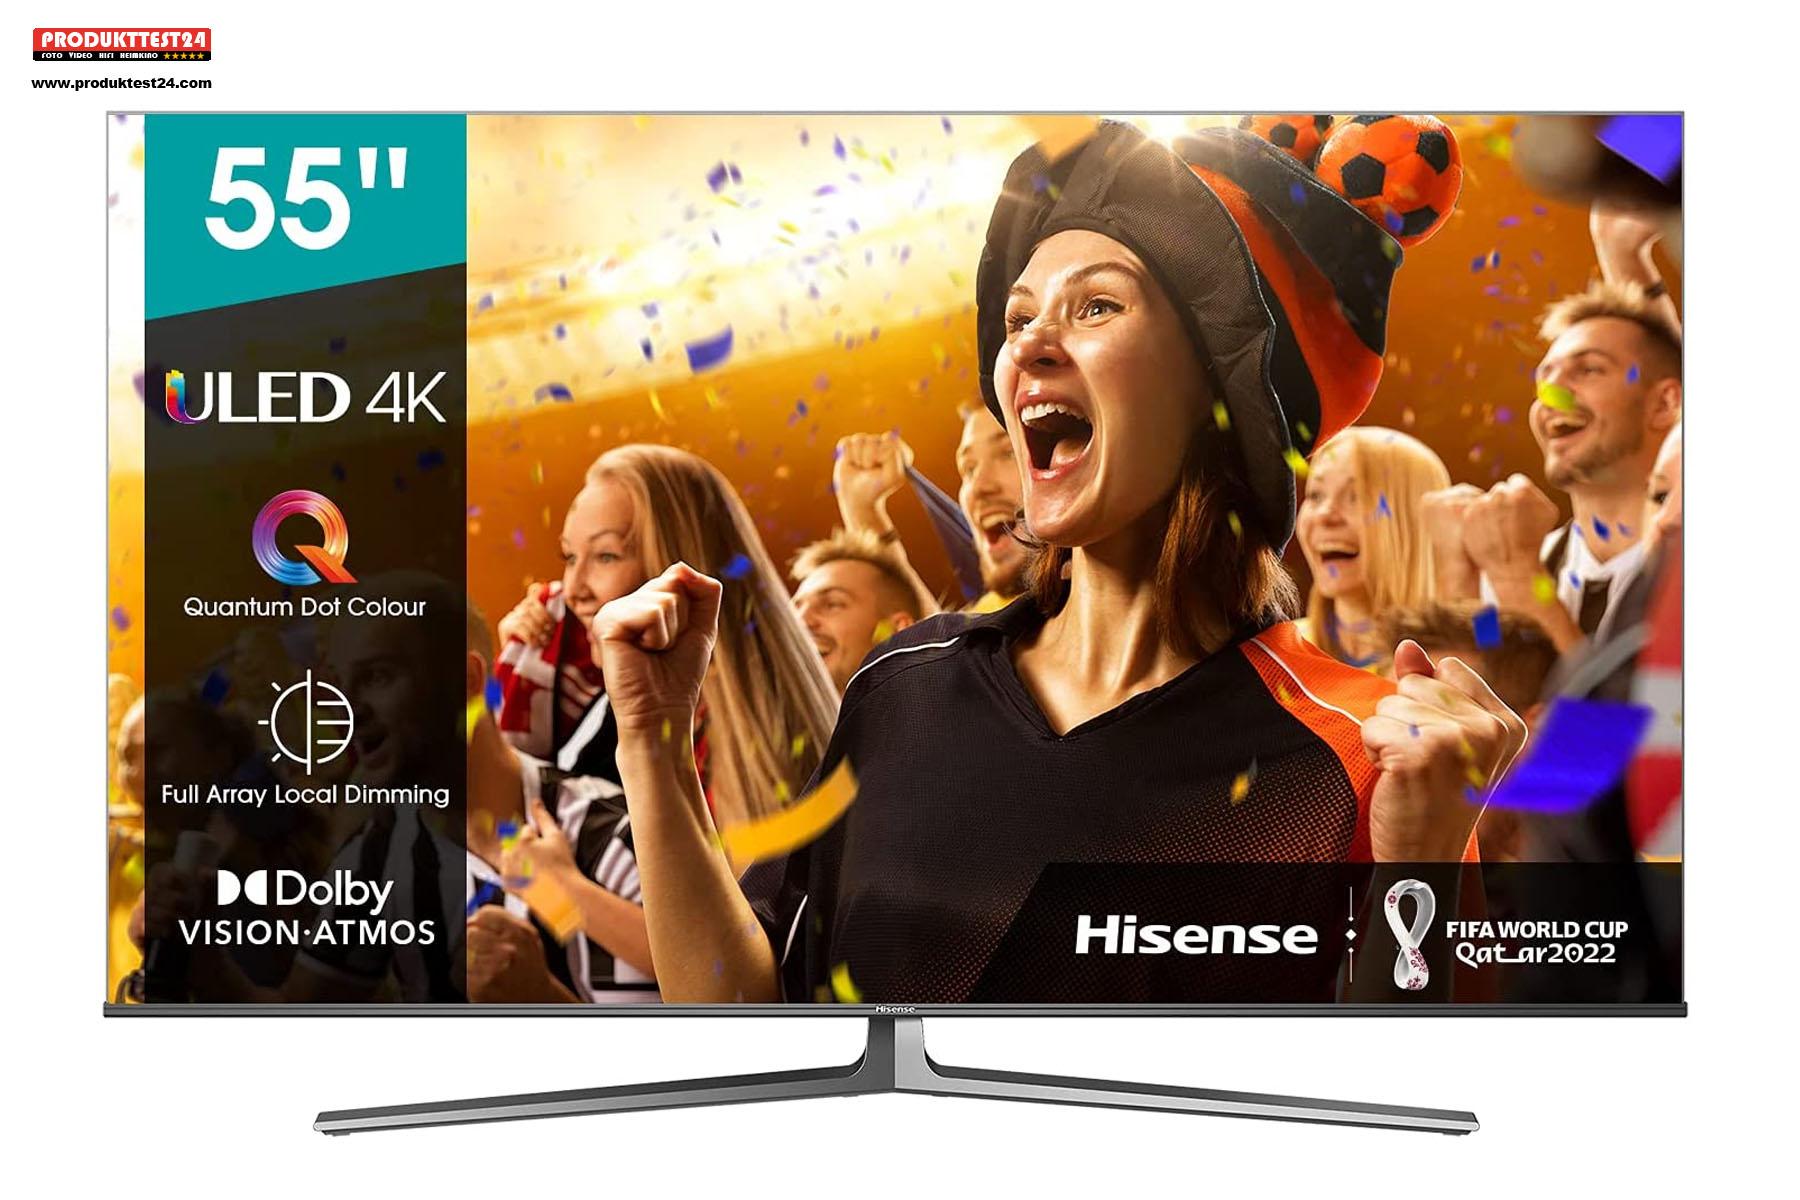 Hisense 55U81GQ QLED 4K-Fernseher mit 120 Hz und Full Array Local Dimming